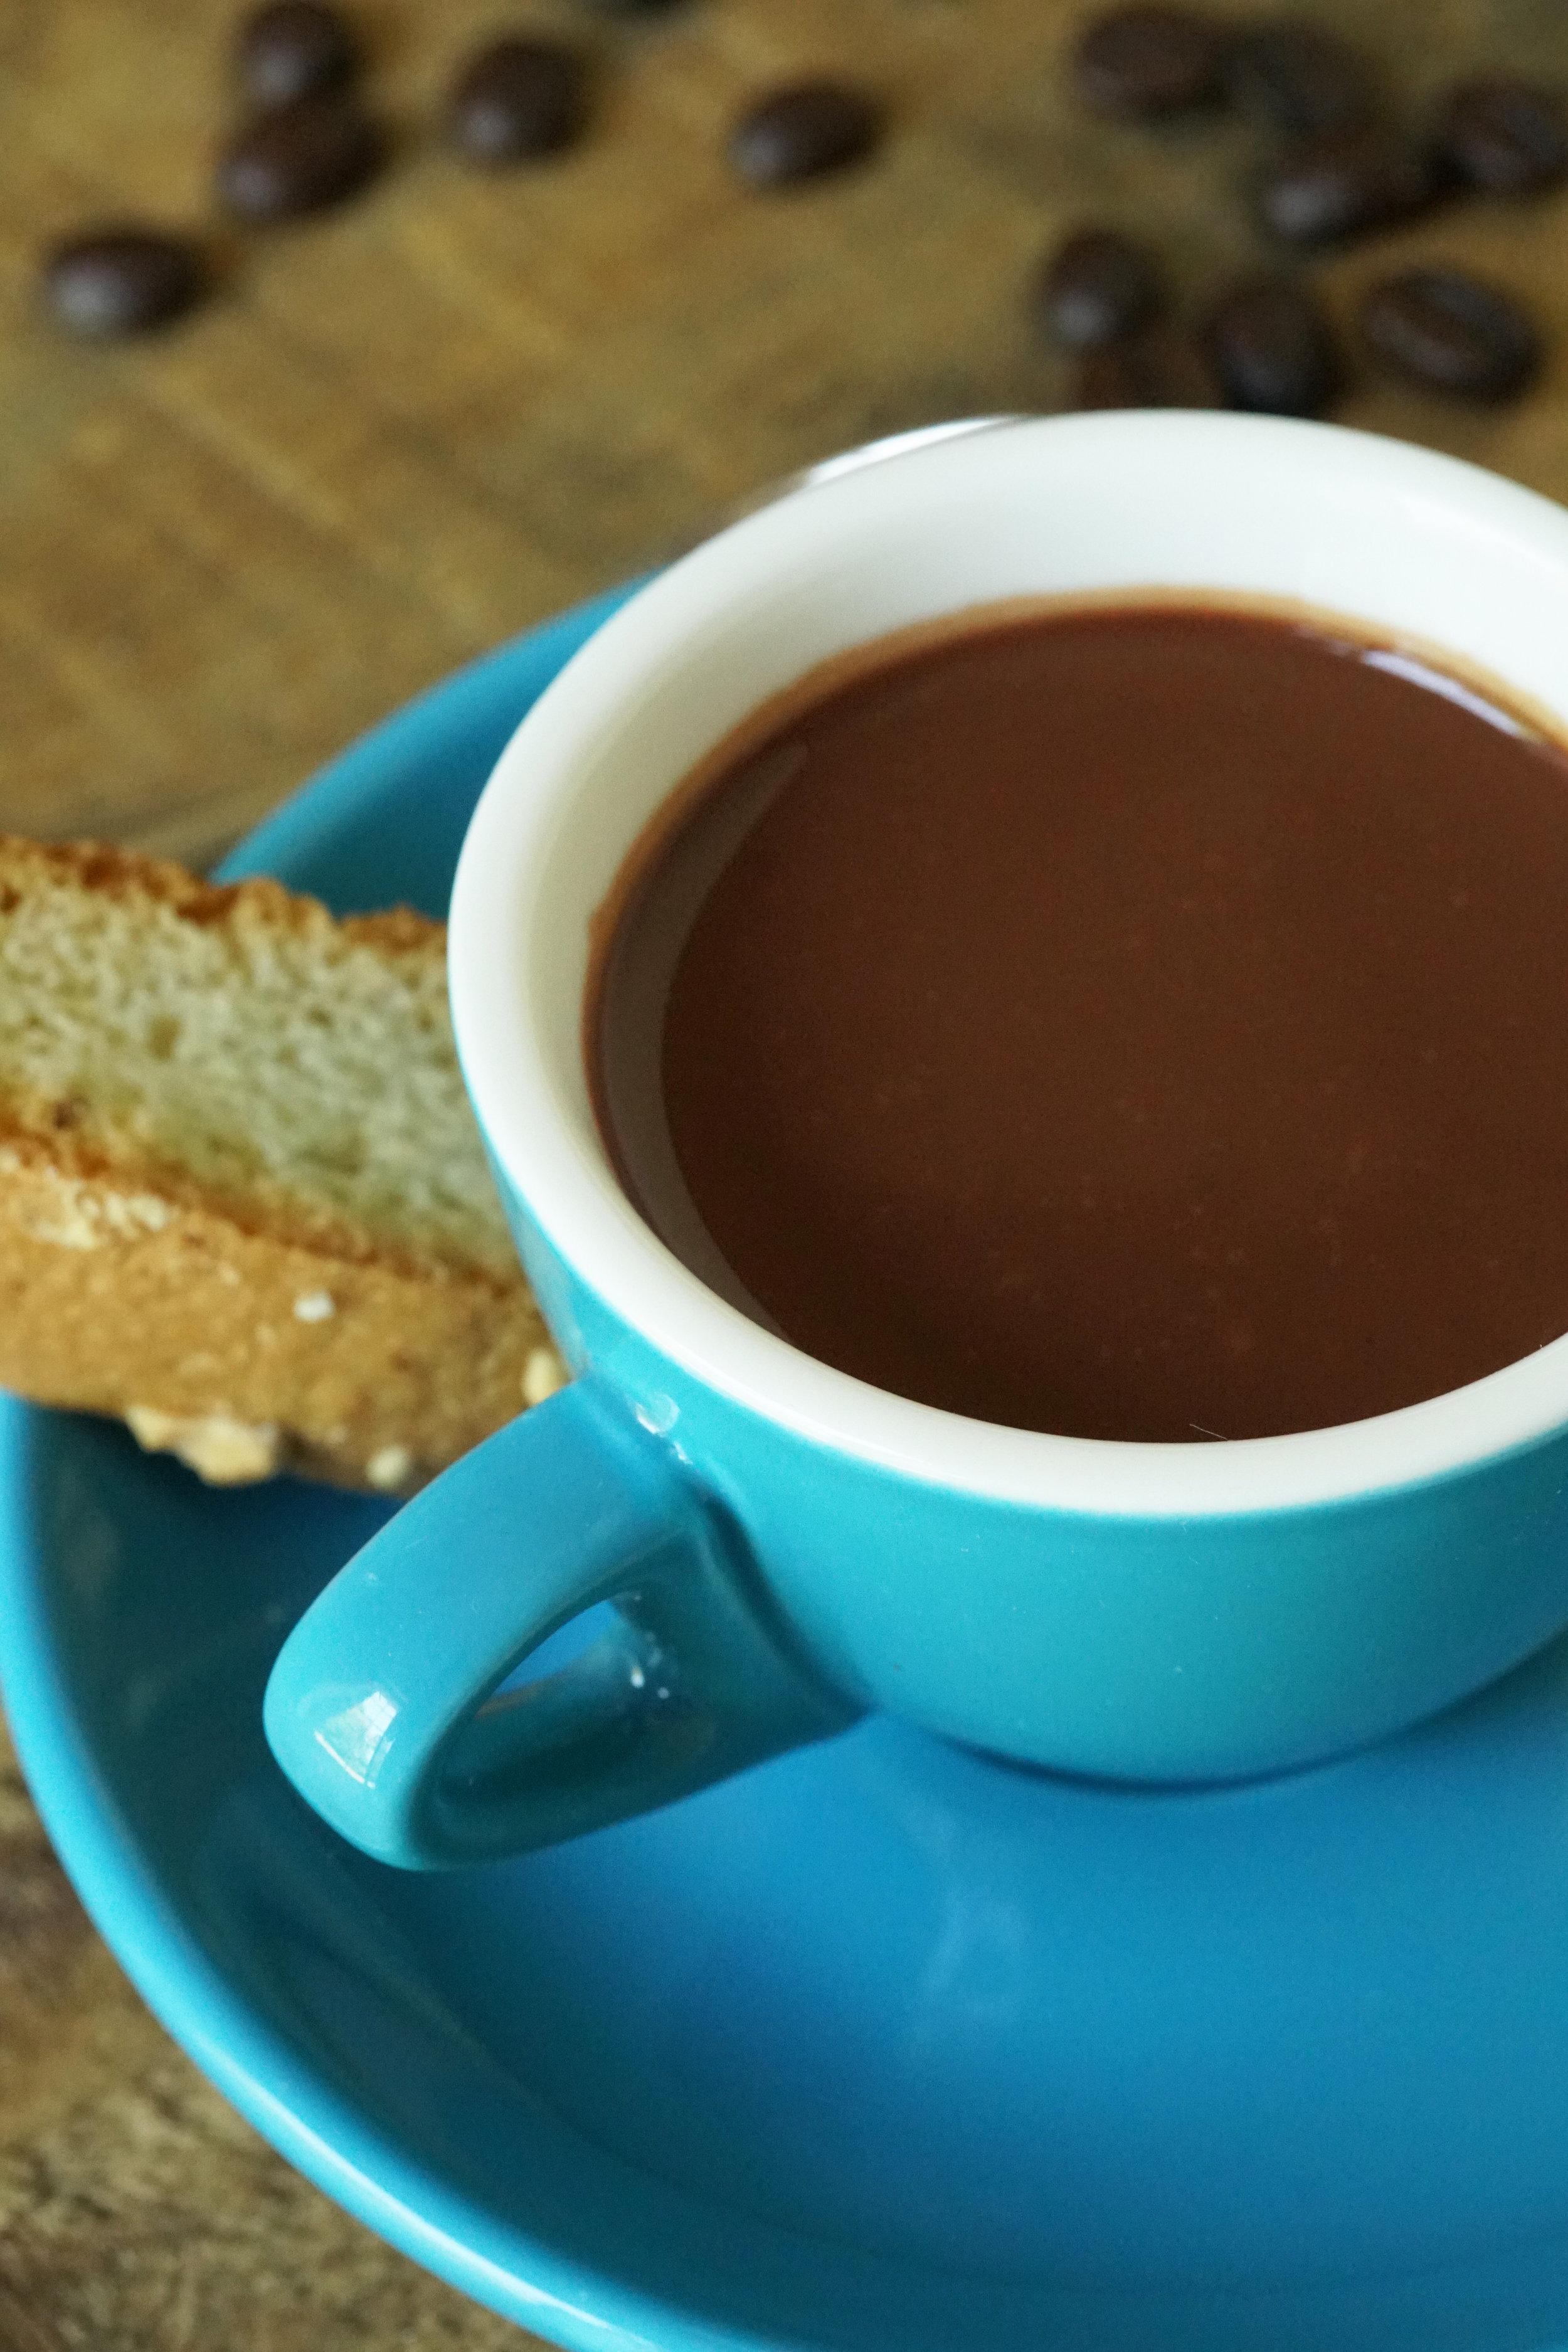 50 50 Espresso SoChatti in Teal Cup A.jpg